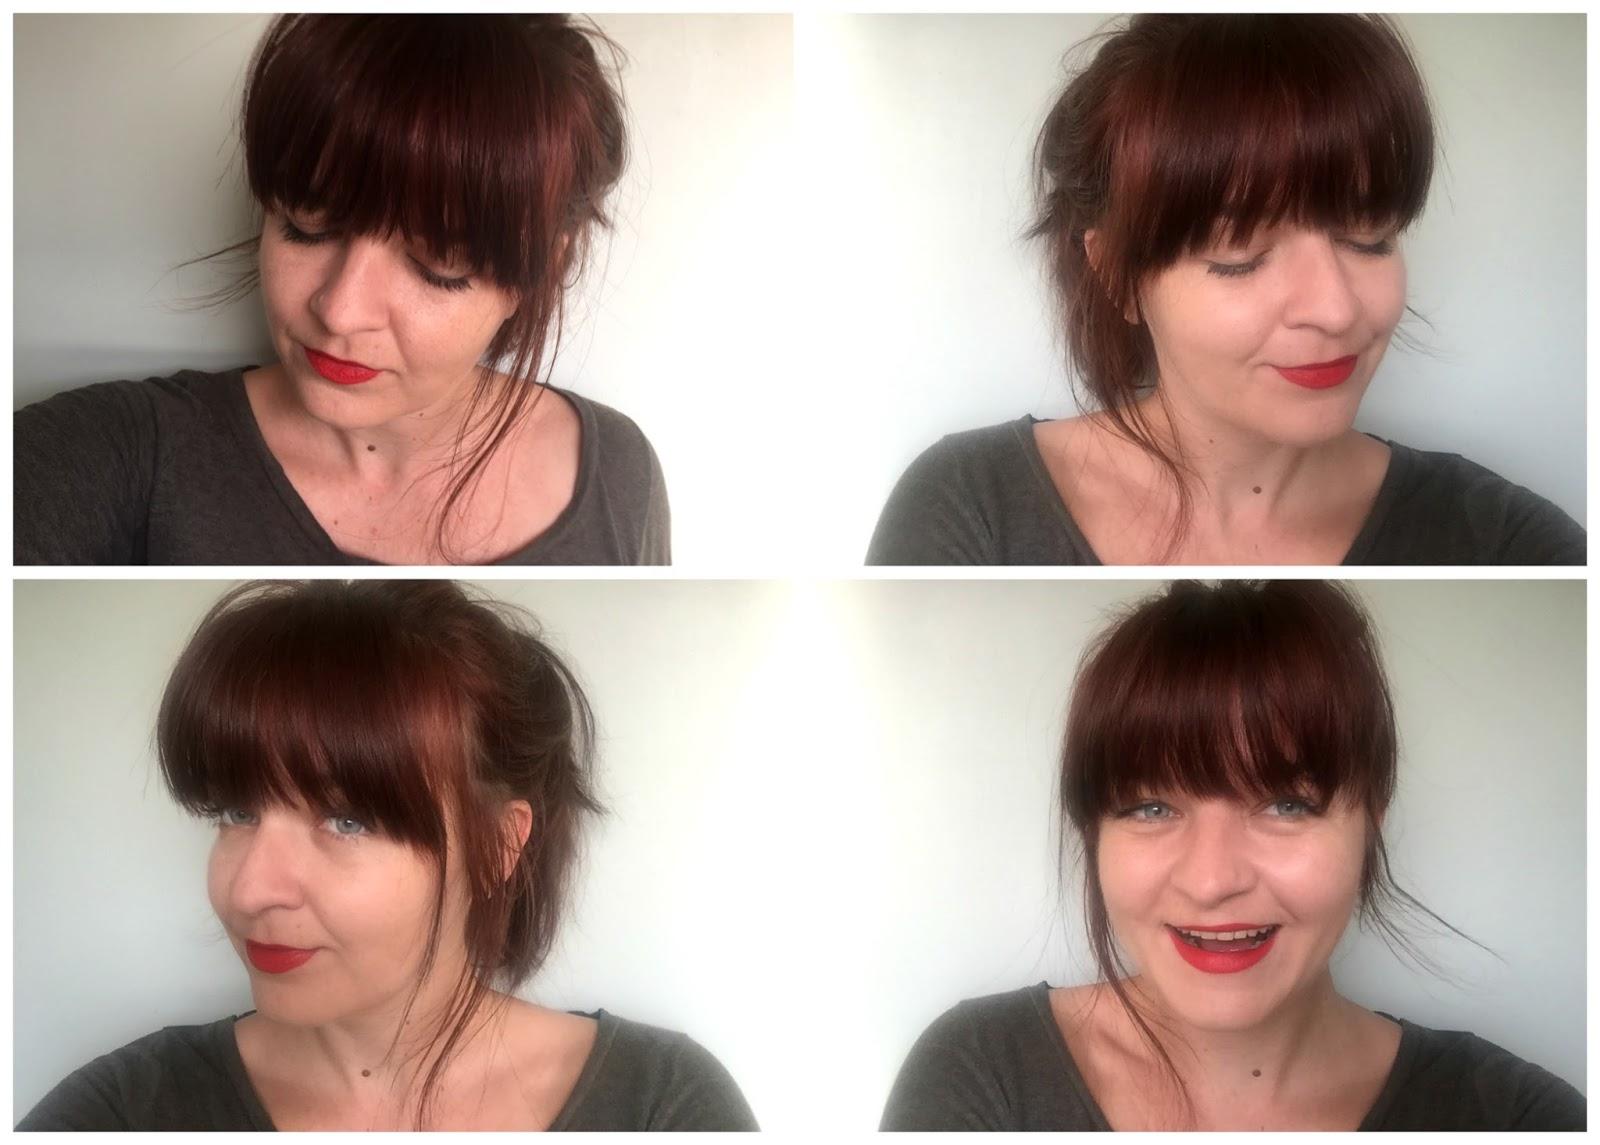 MAC Dita Von Teese Lipstick